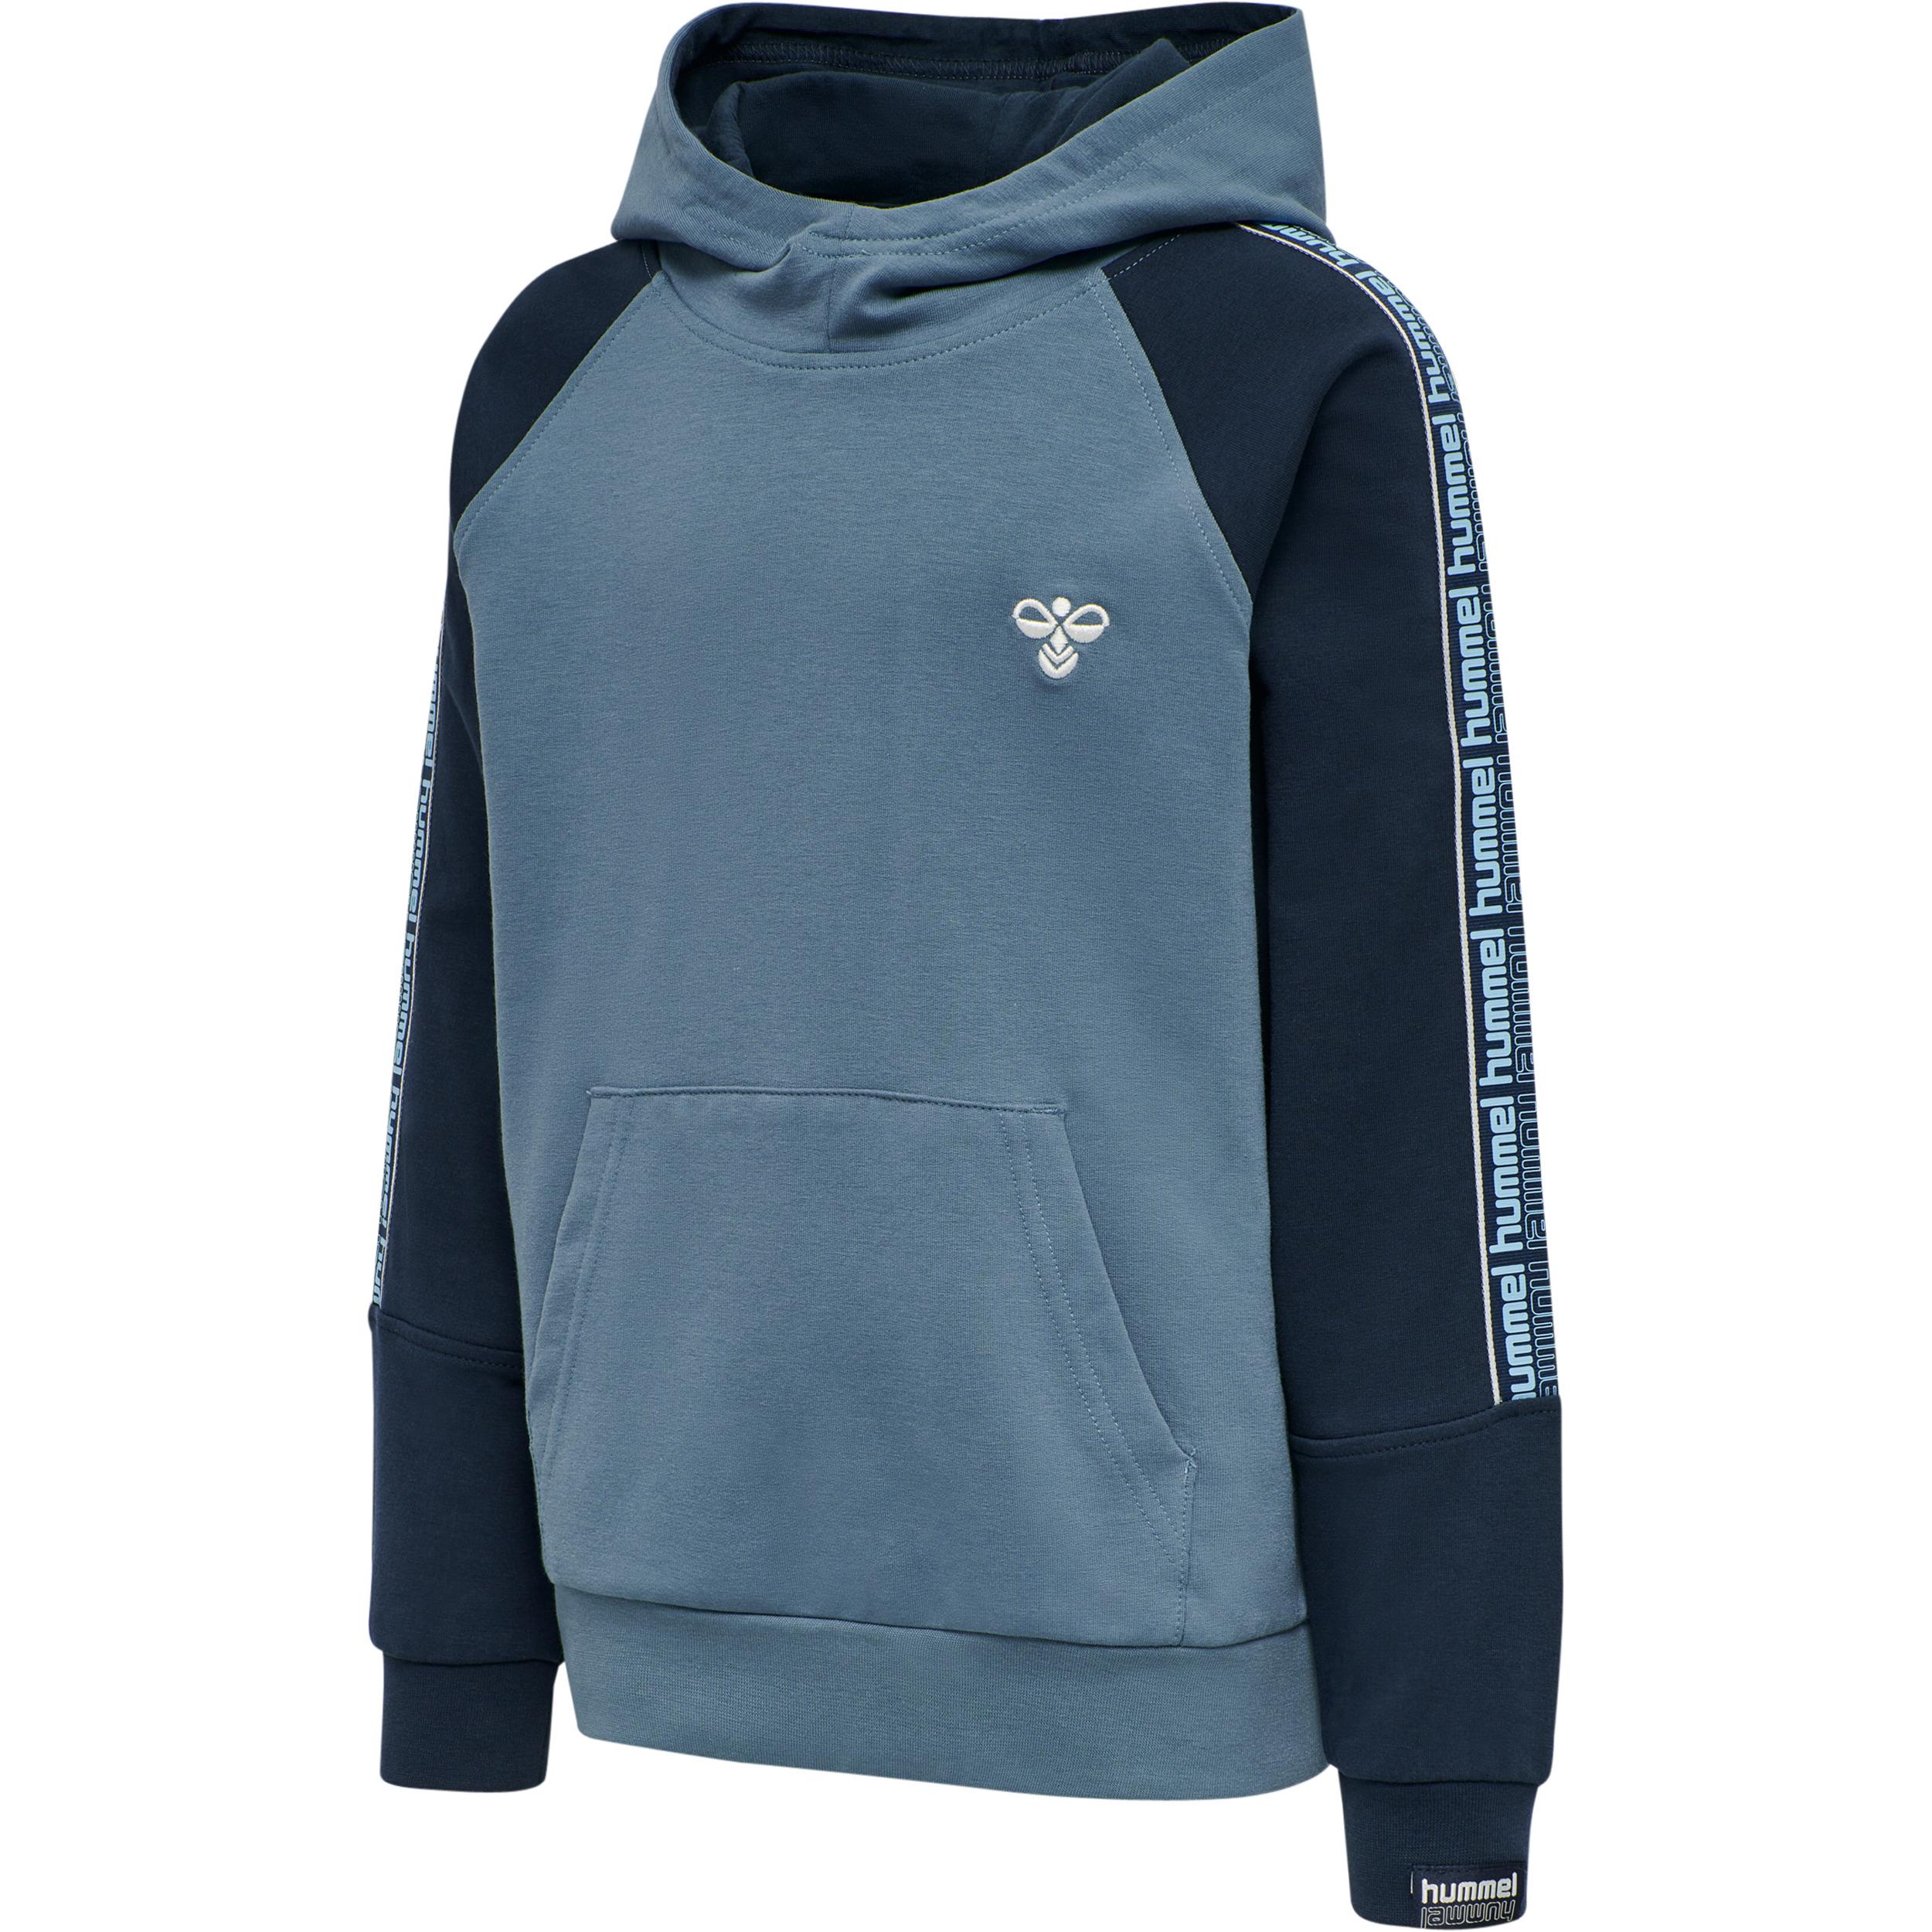 Hummel Coolio træningssæt, china blue, 110